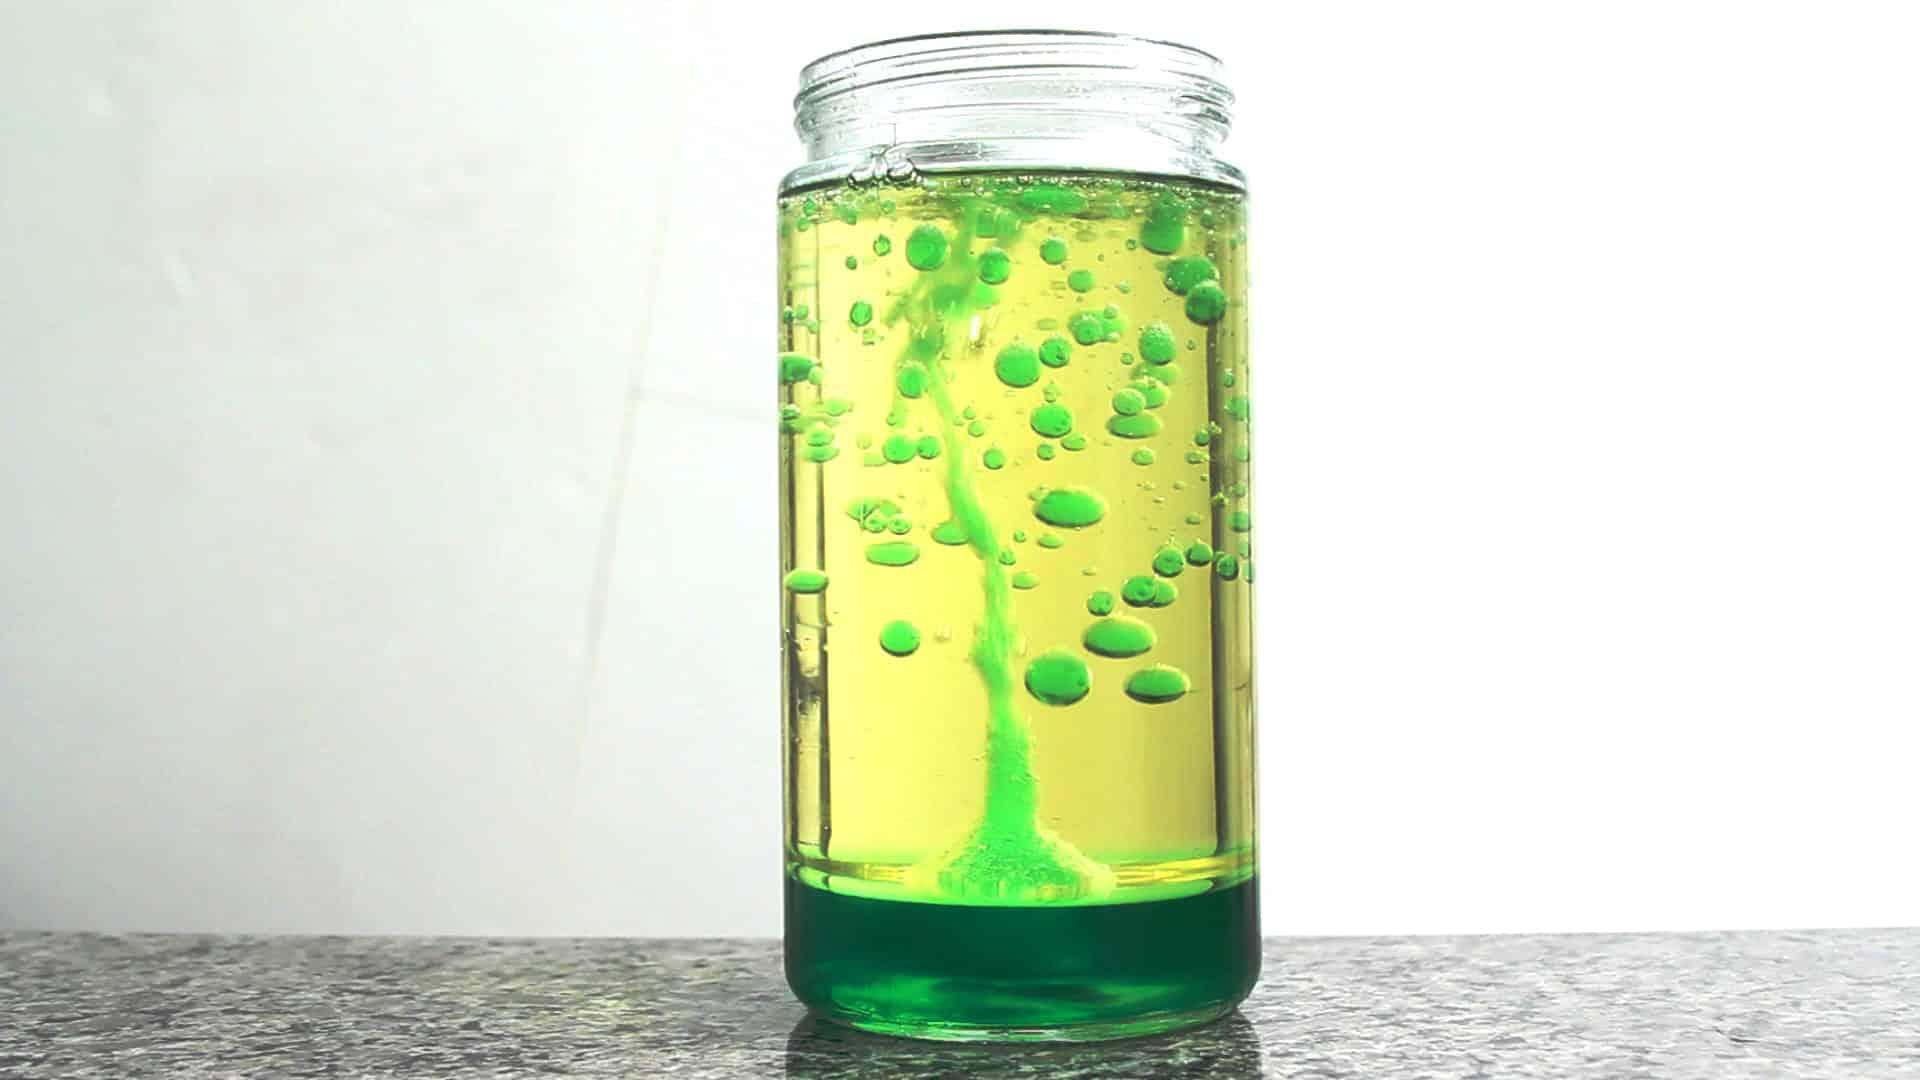 Confira agora 5 experiências químicas que você pode fazer em casa